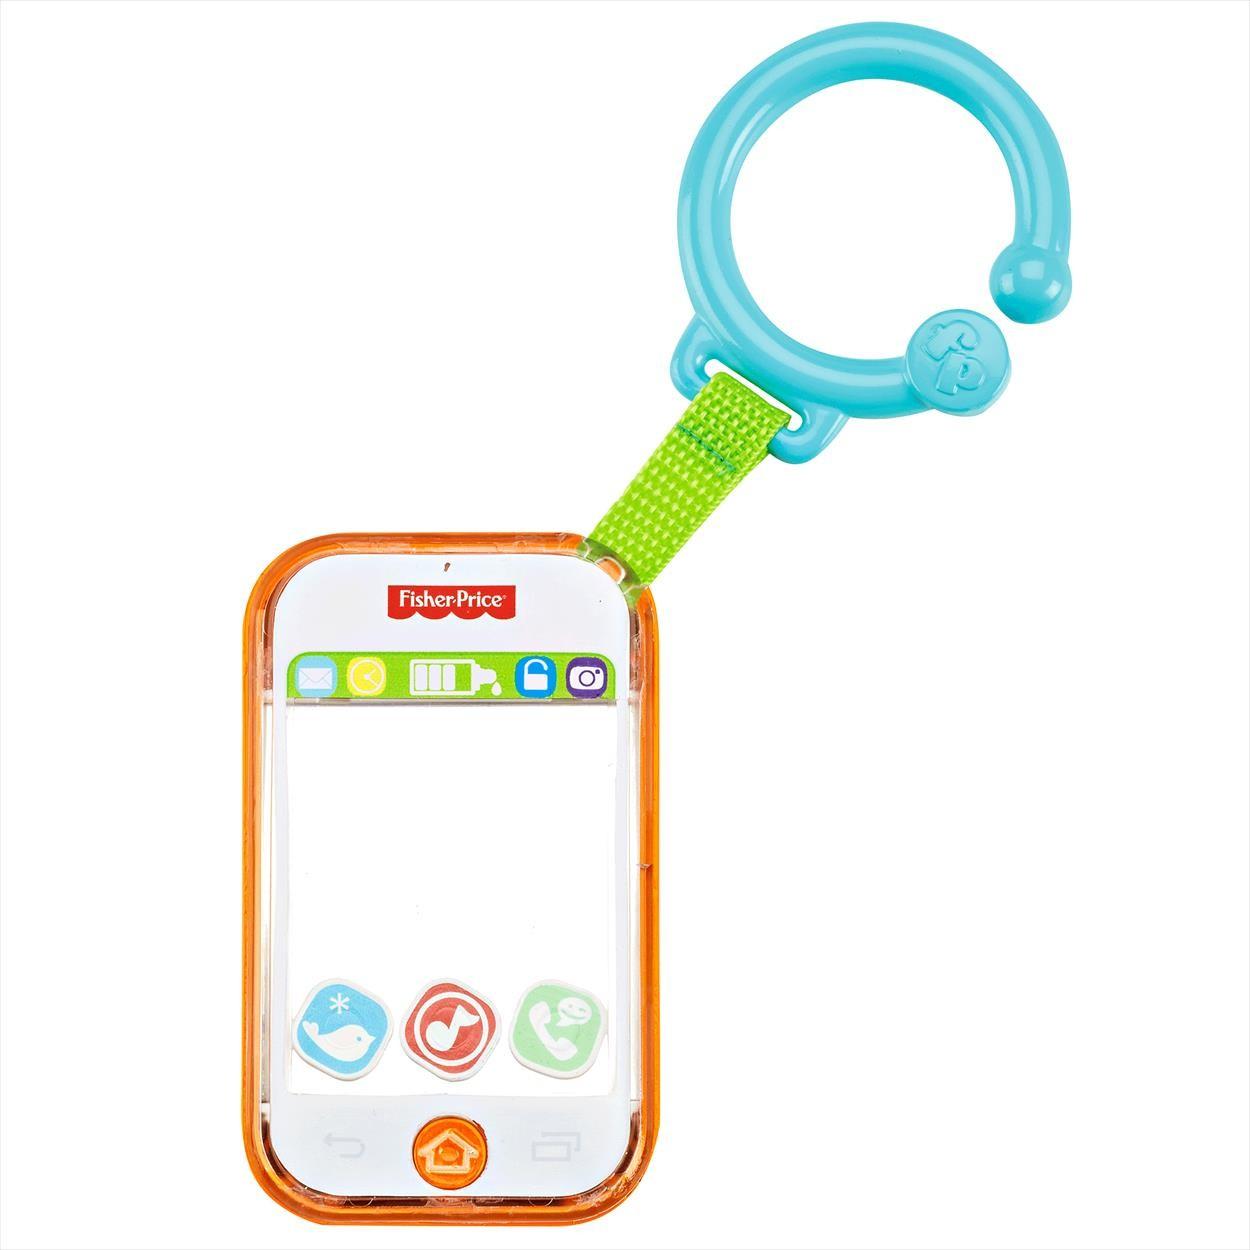 Телефон музыкальныйРазвивающие игрушки Fisher-Price<br>Телефон музыкальный<br>